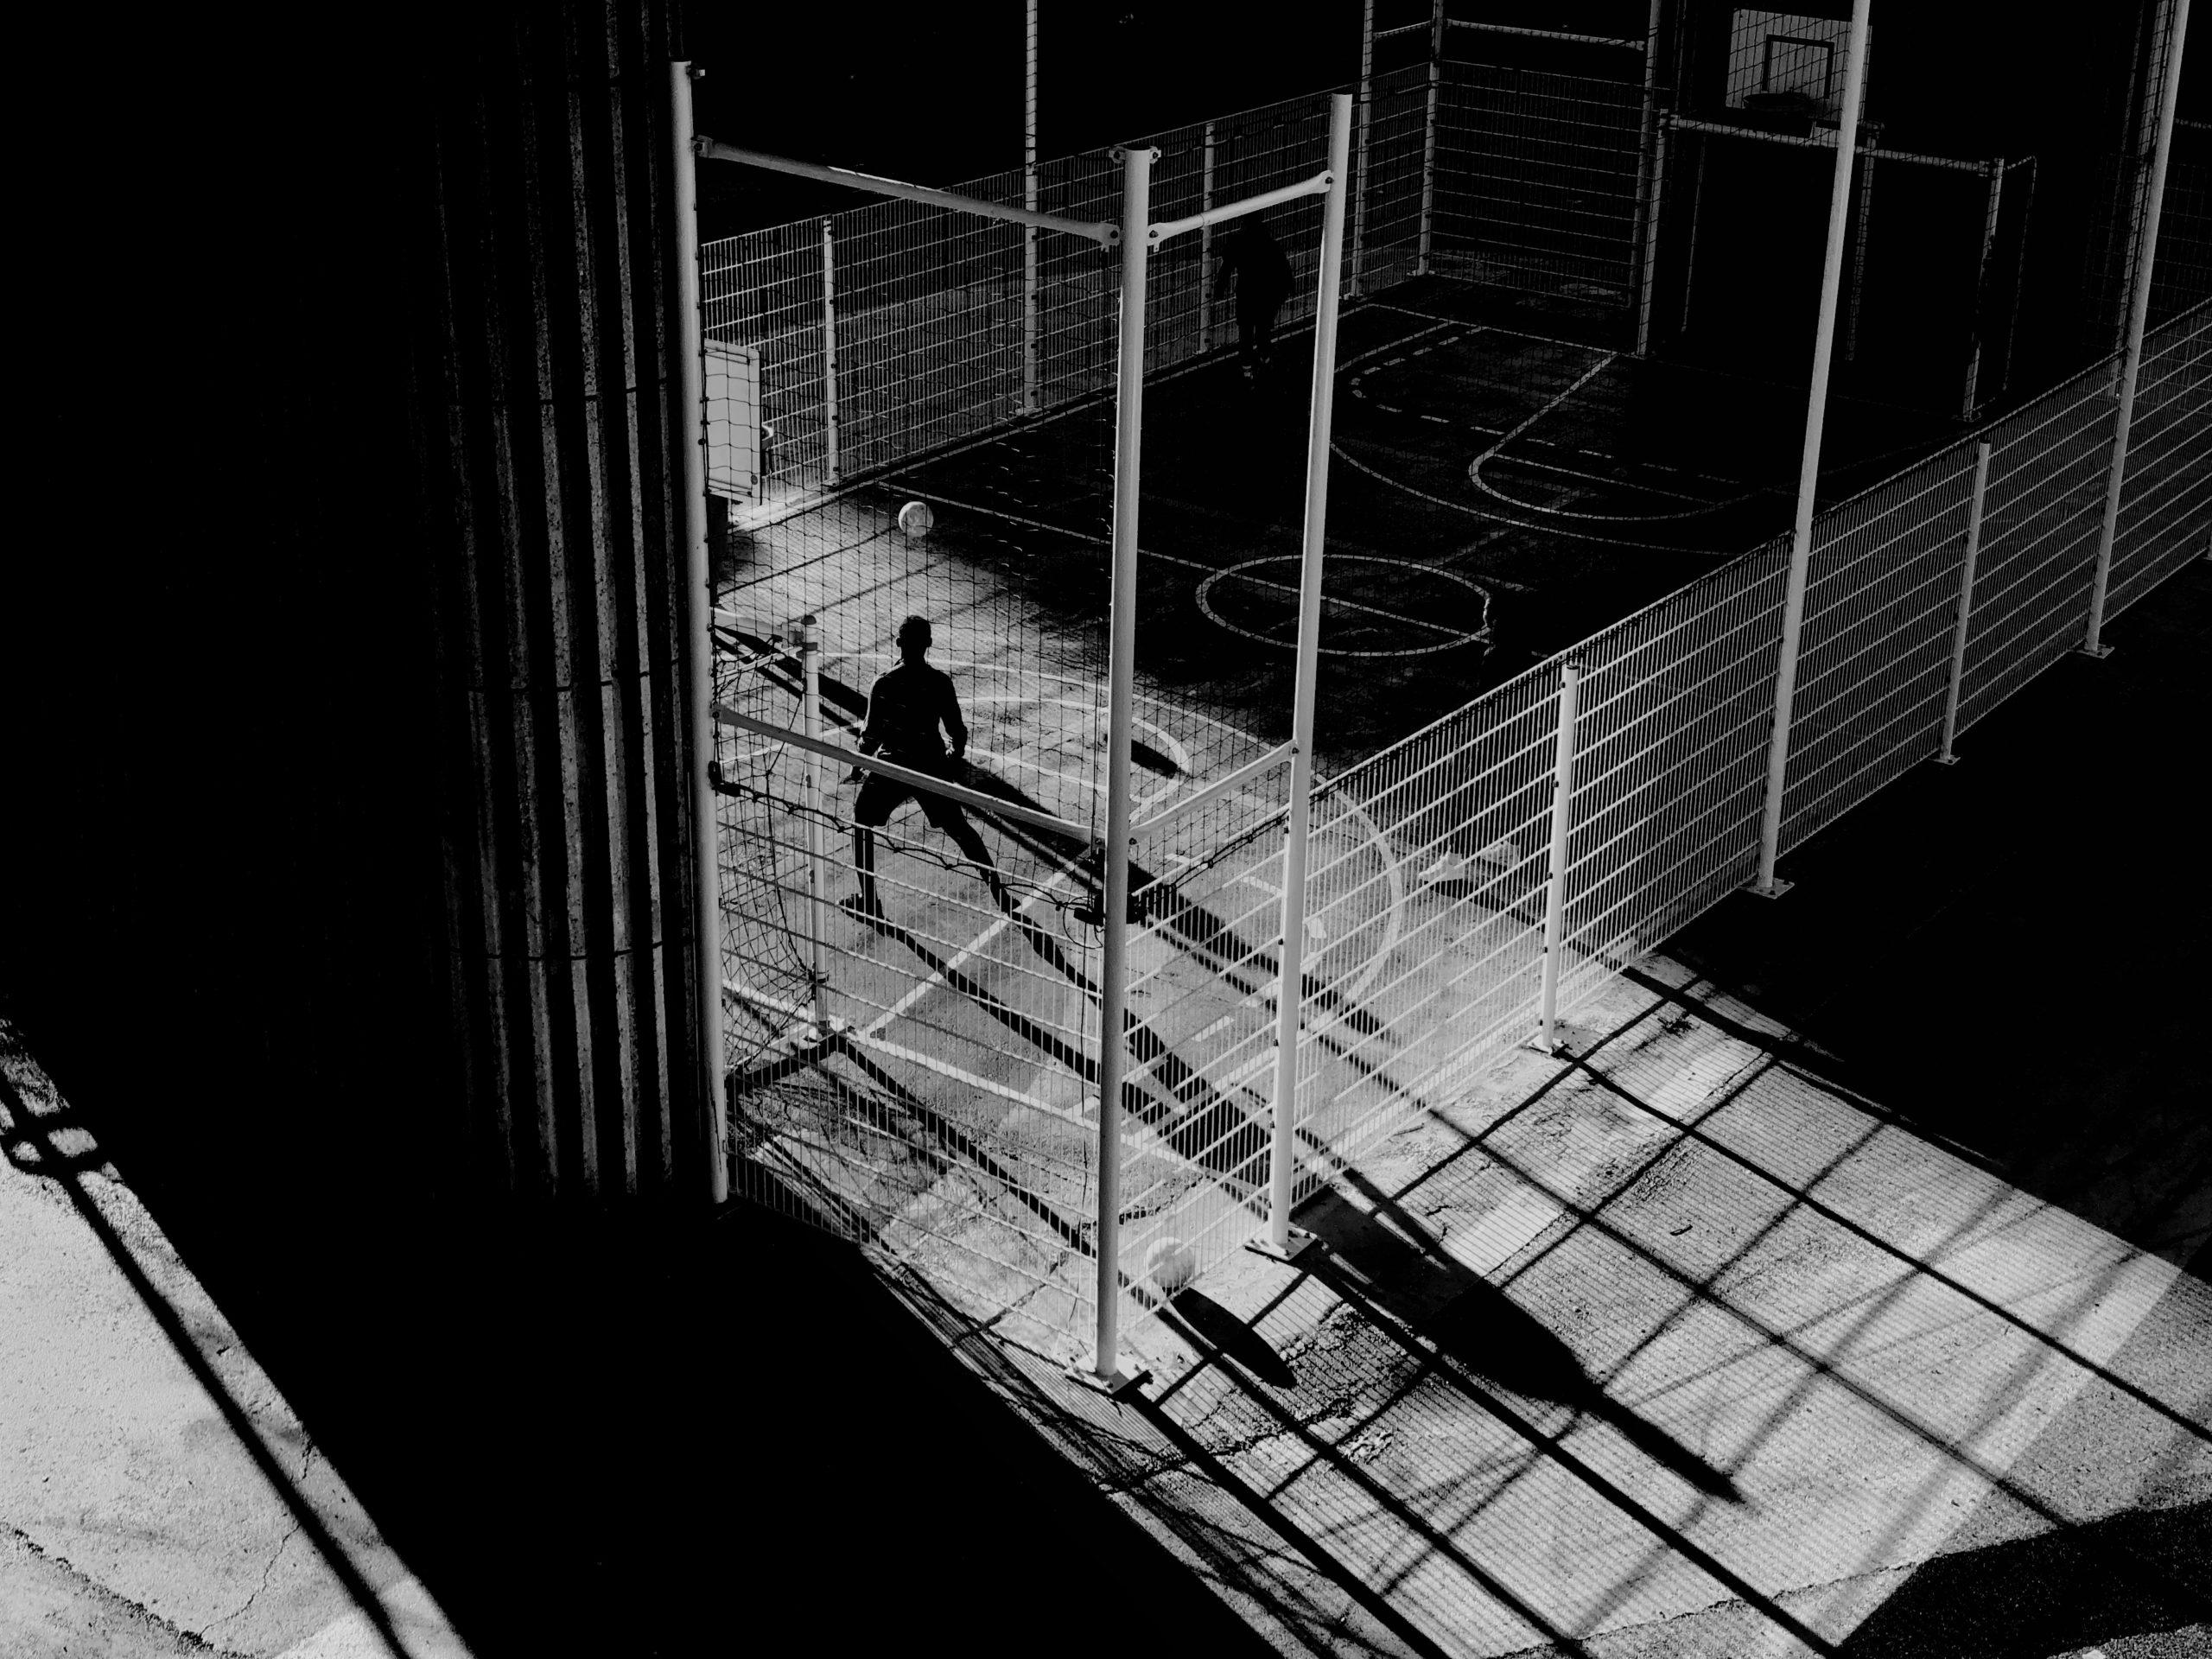 © Axel Morin